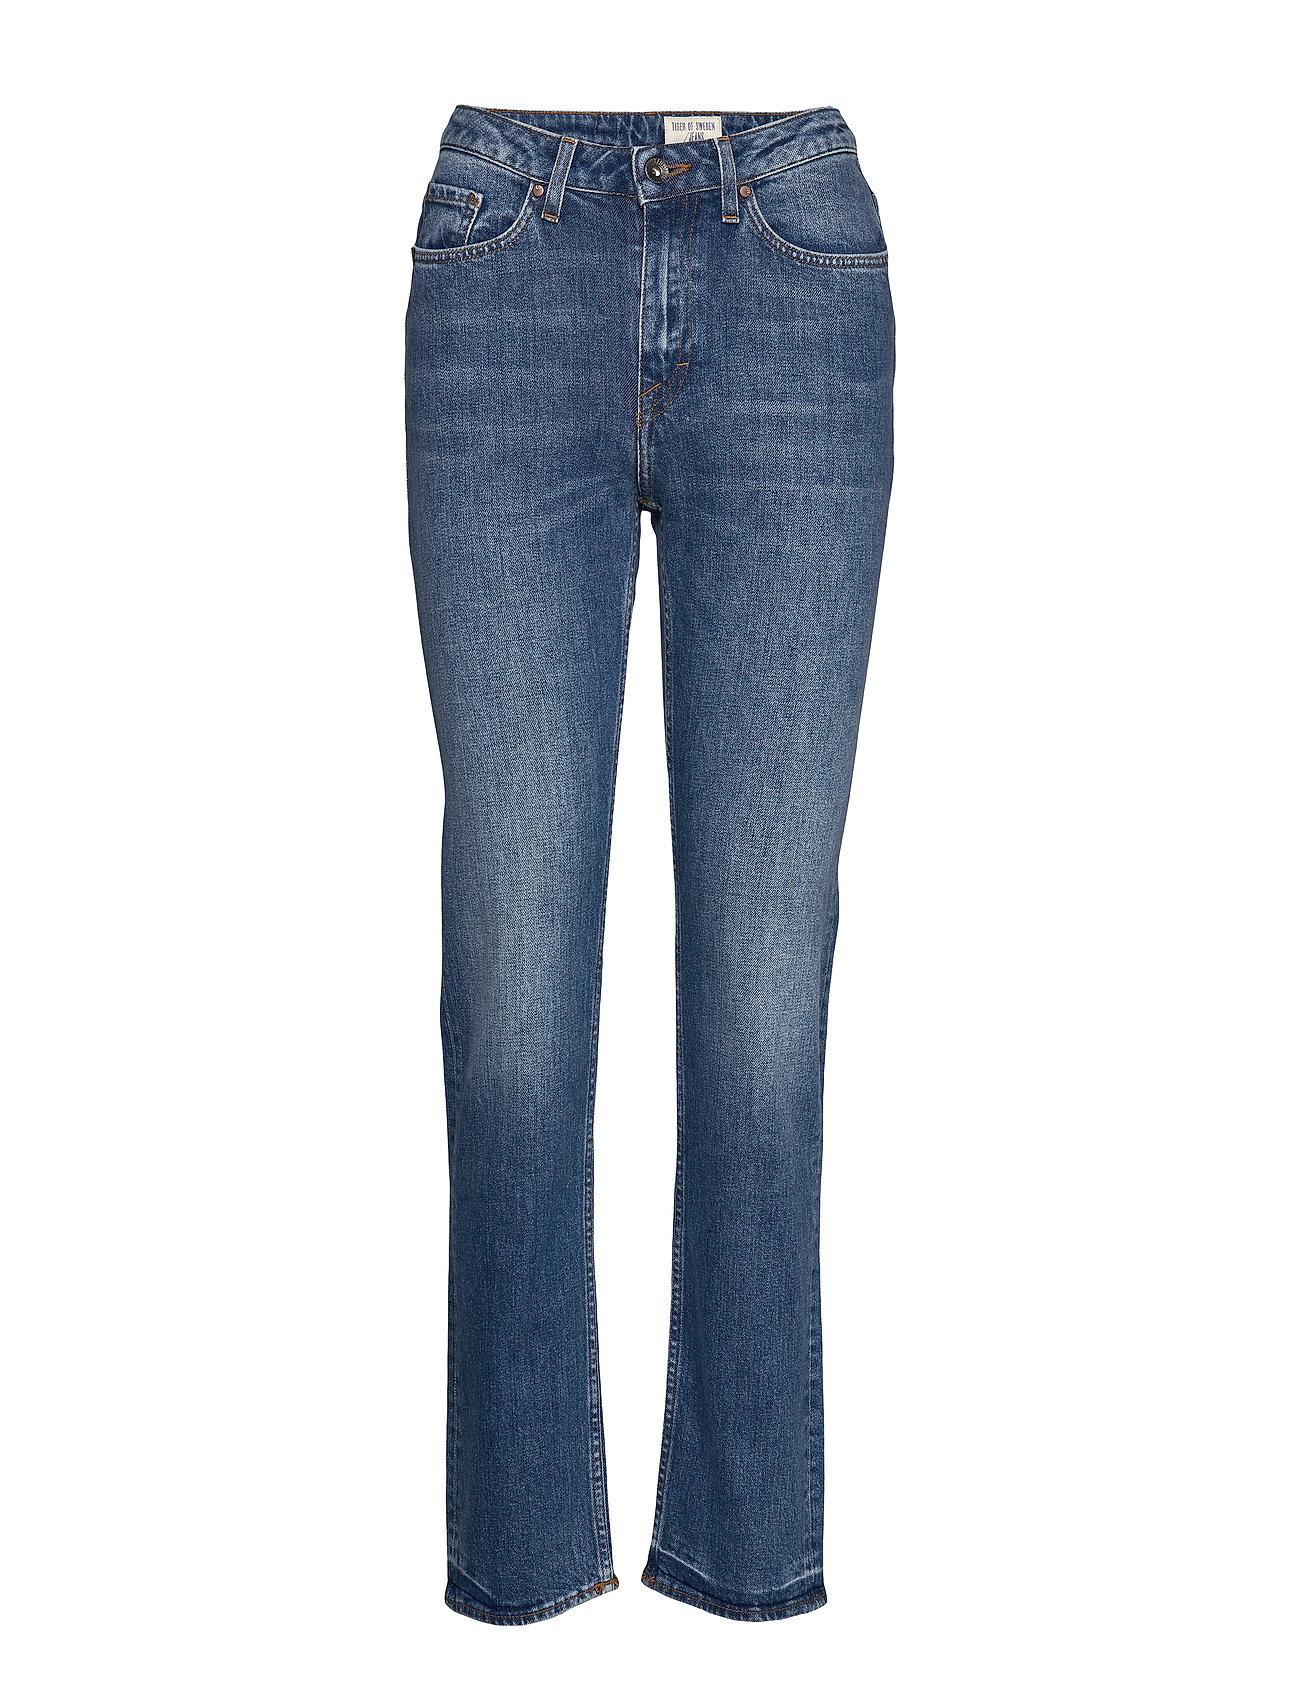 Tiger of Sweden Jeans MEG - MEDIUM BLUE